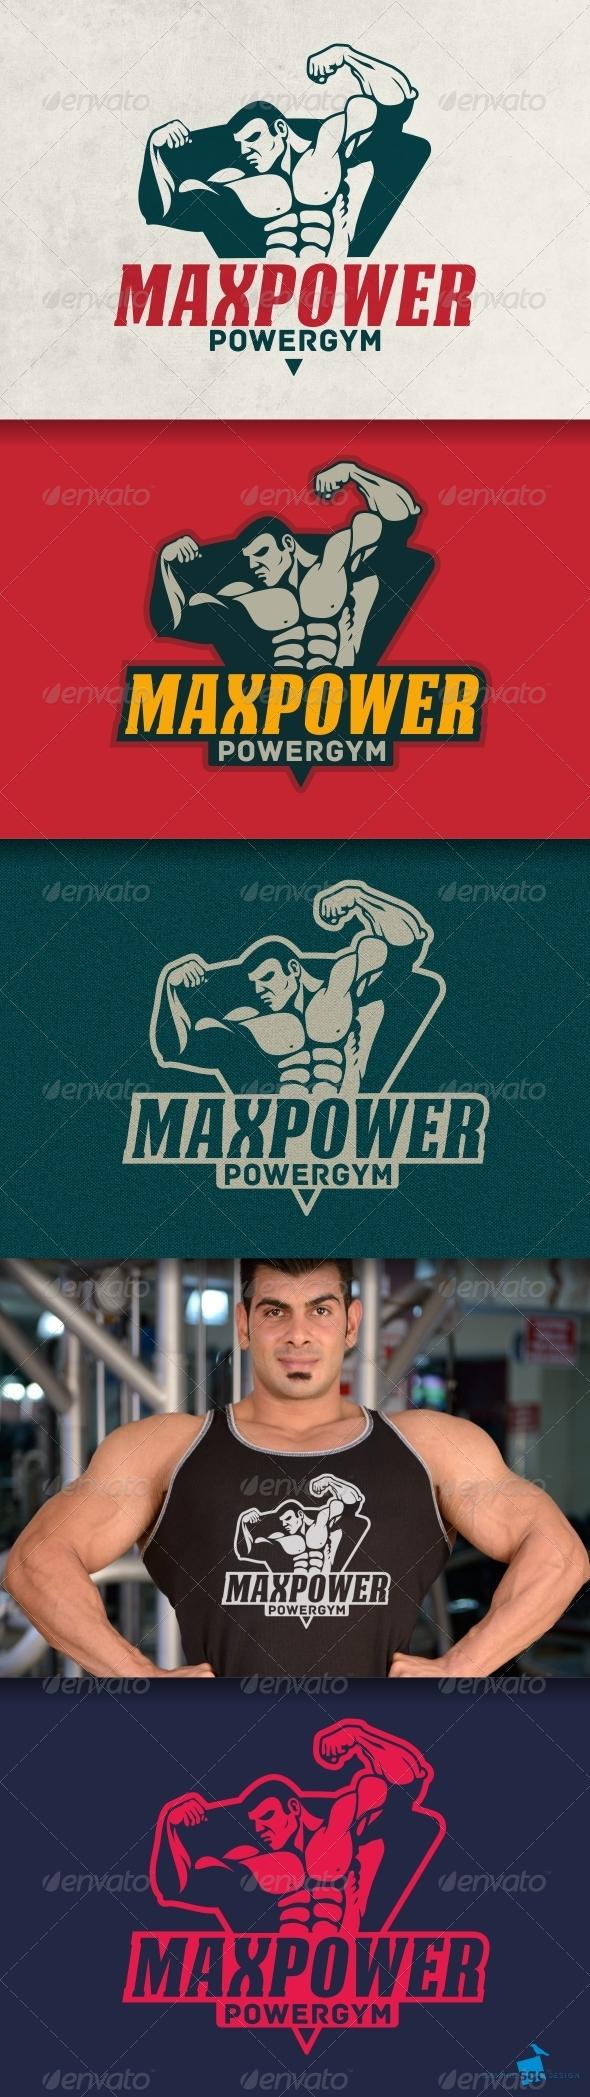 GraphicRiver Powergym Logo 8046156